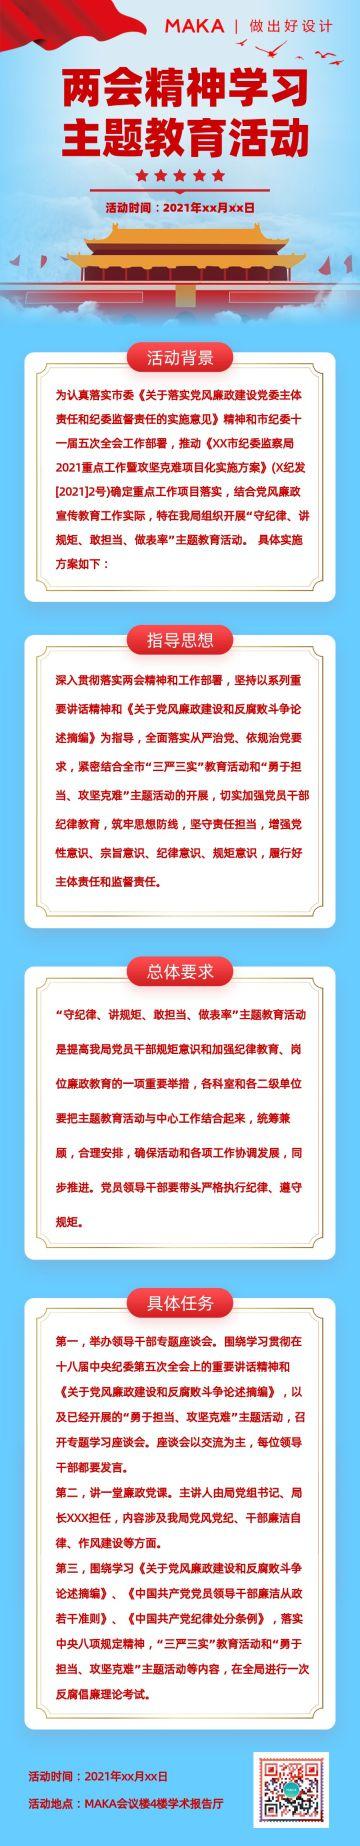 蓝色简约风党建活动文章长图